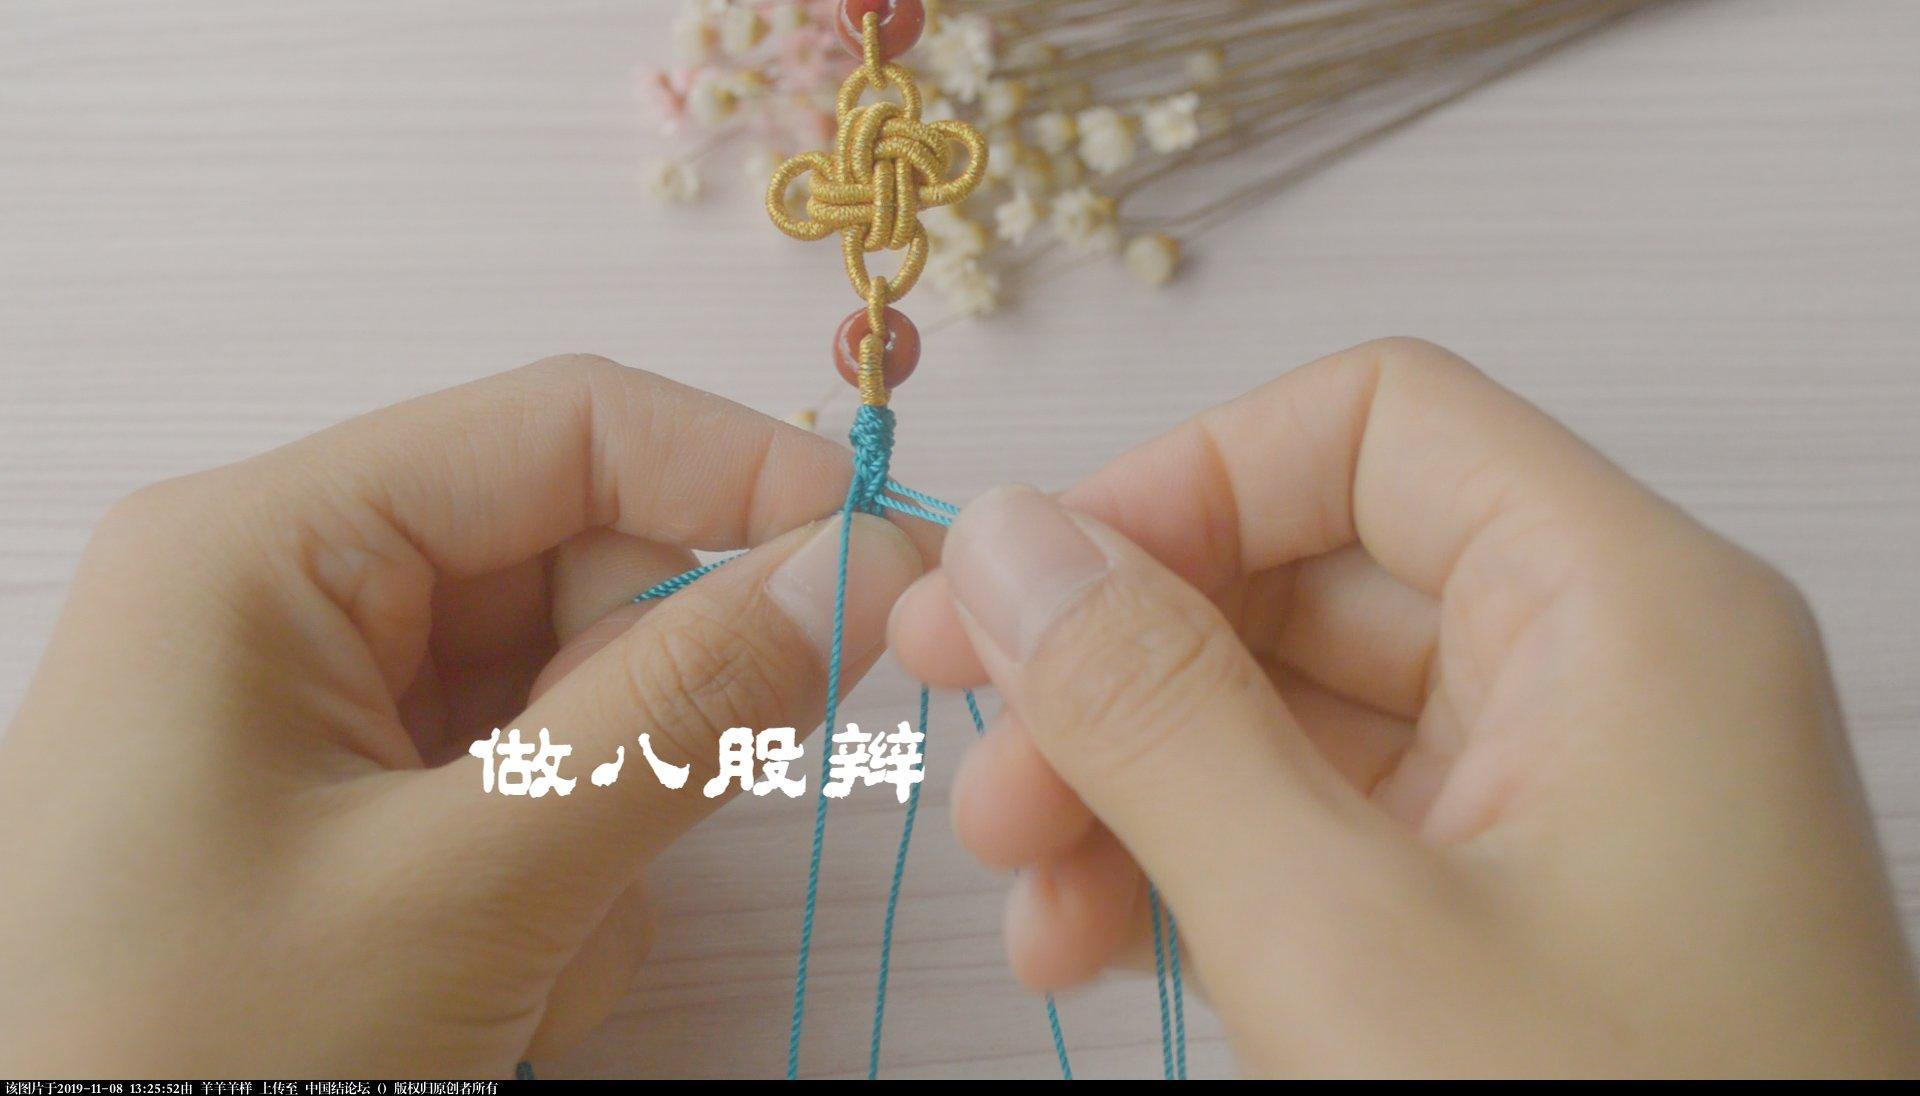 中国结论坛 冰花结只会用来做挂件?试试做一款属于自己的毛衣链,附视频教程  图文教程区 131813d1dwmf3zfkdzccmd